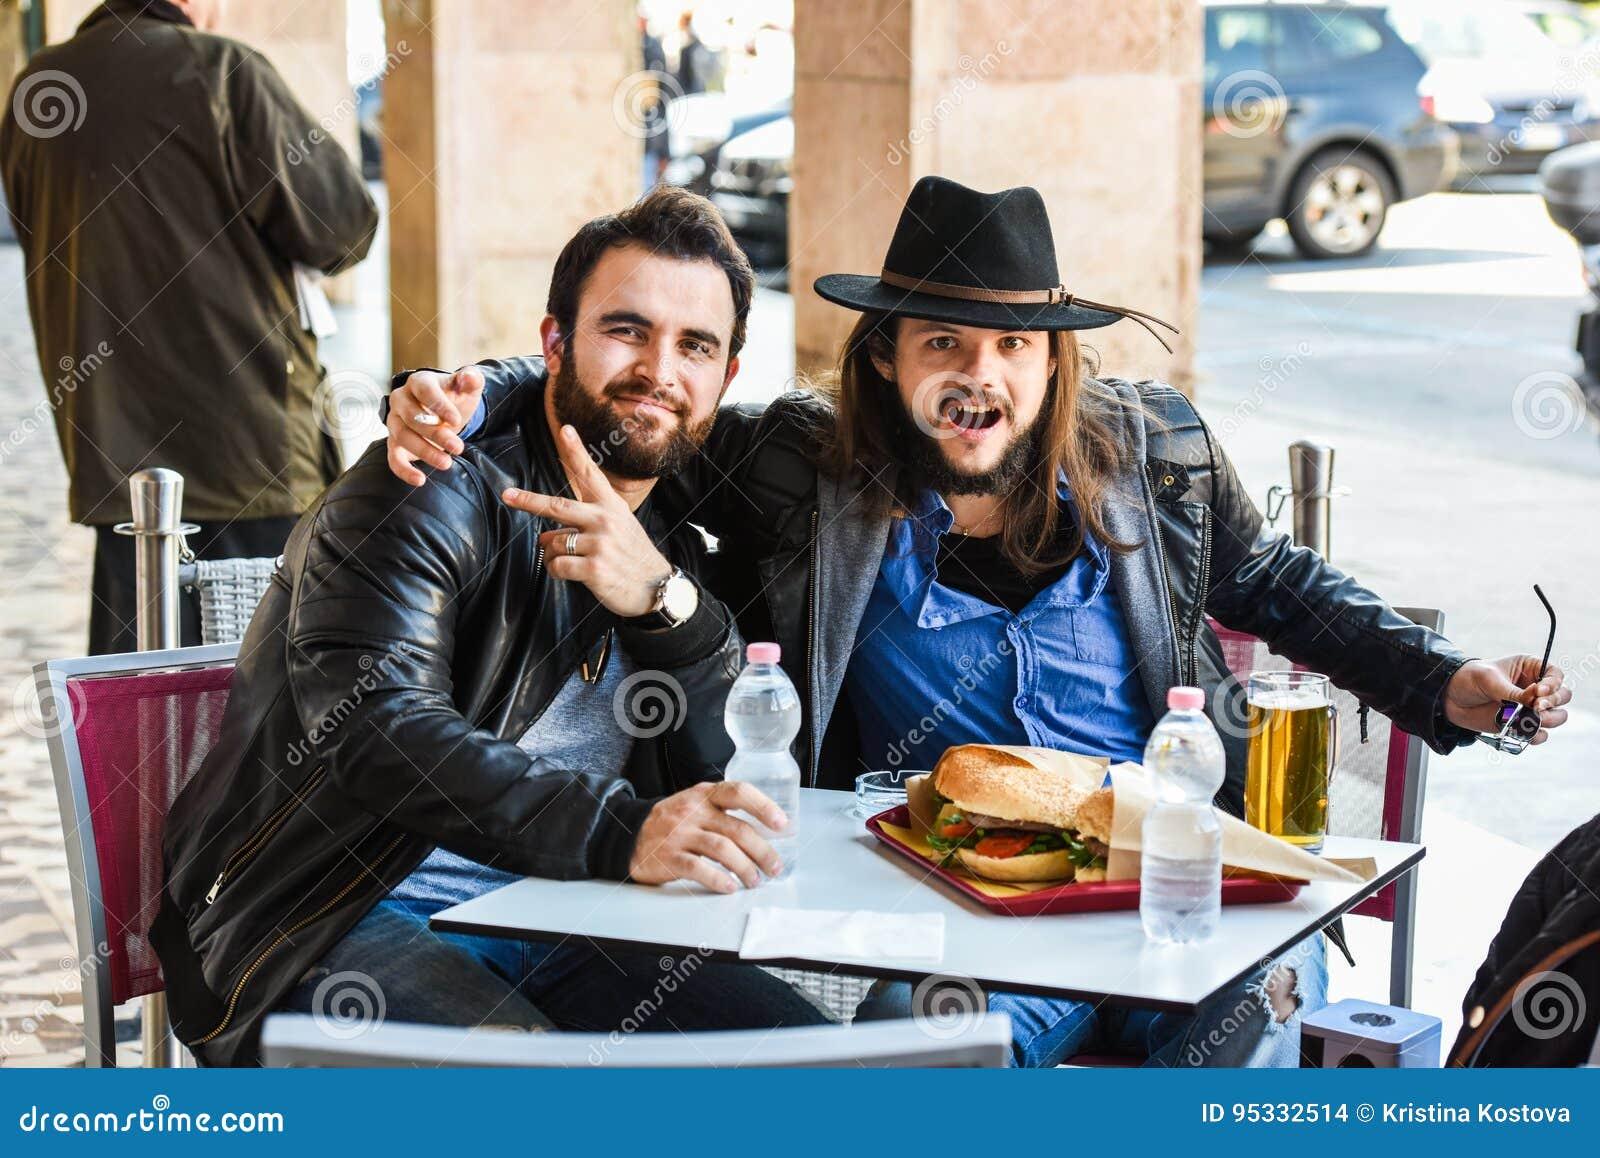 Två hungriga vänner/turister äter utanför i det öppet